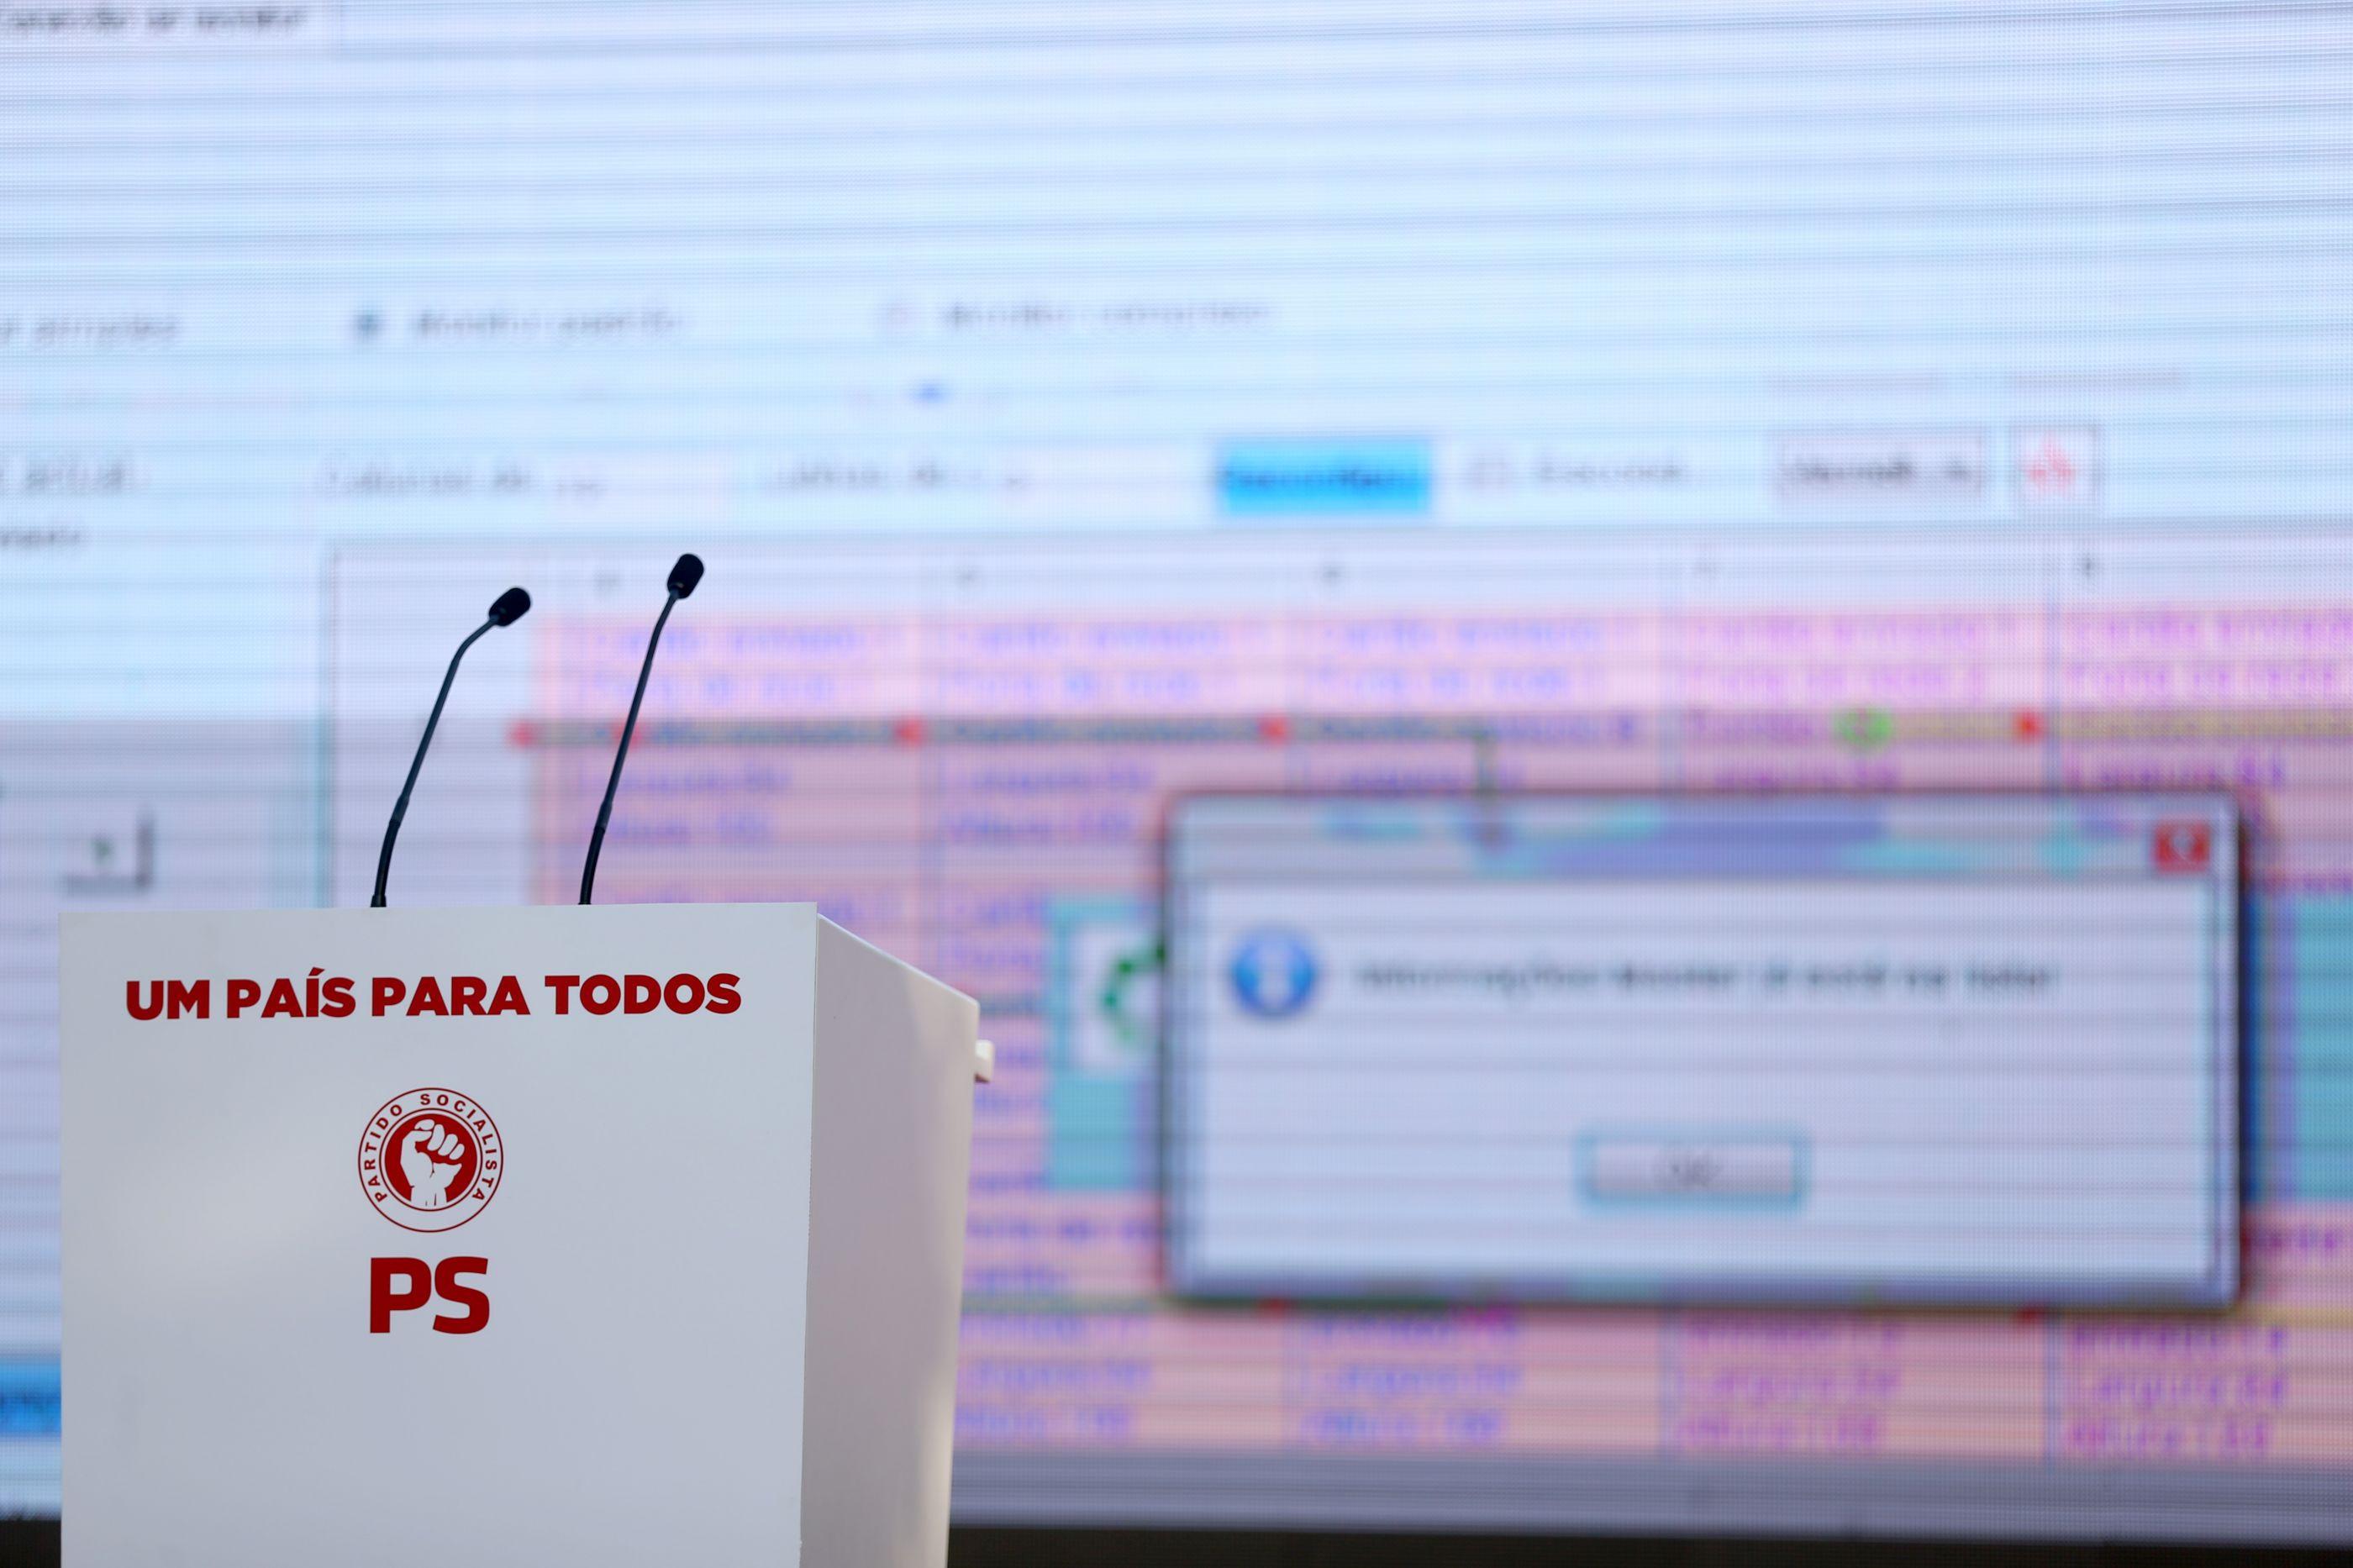 Vítor Fraga e Berto Messias, novos membros do secretariado do PS Açores